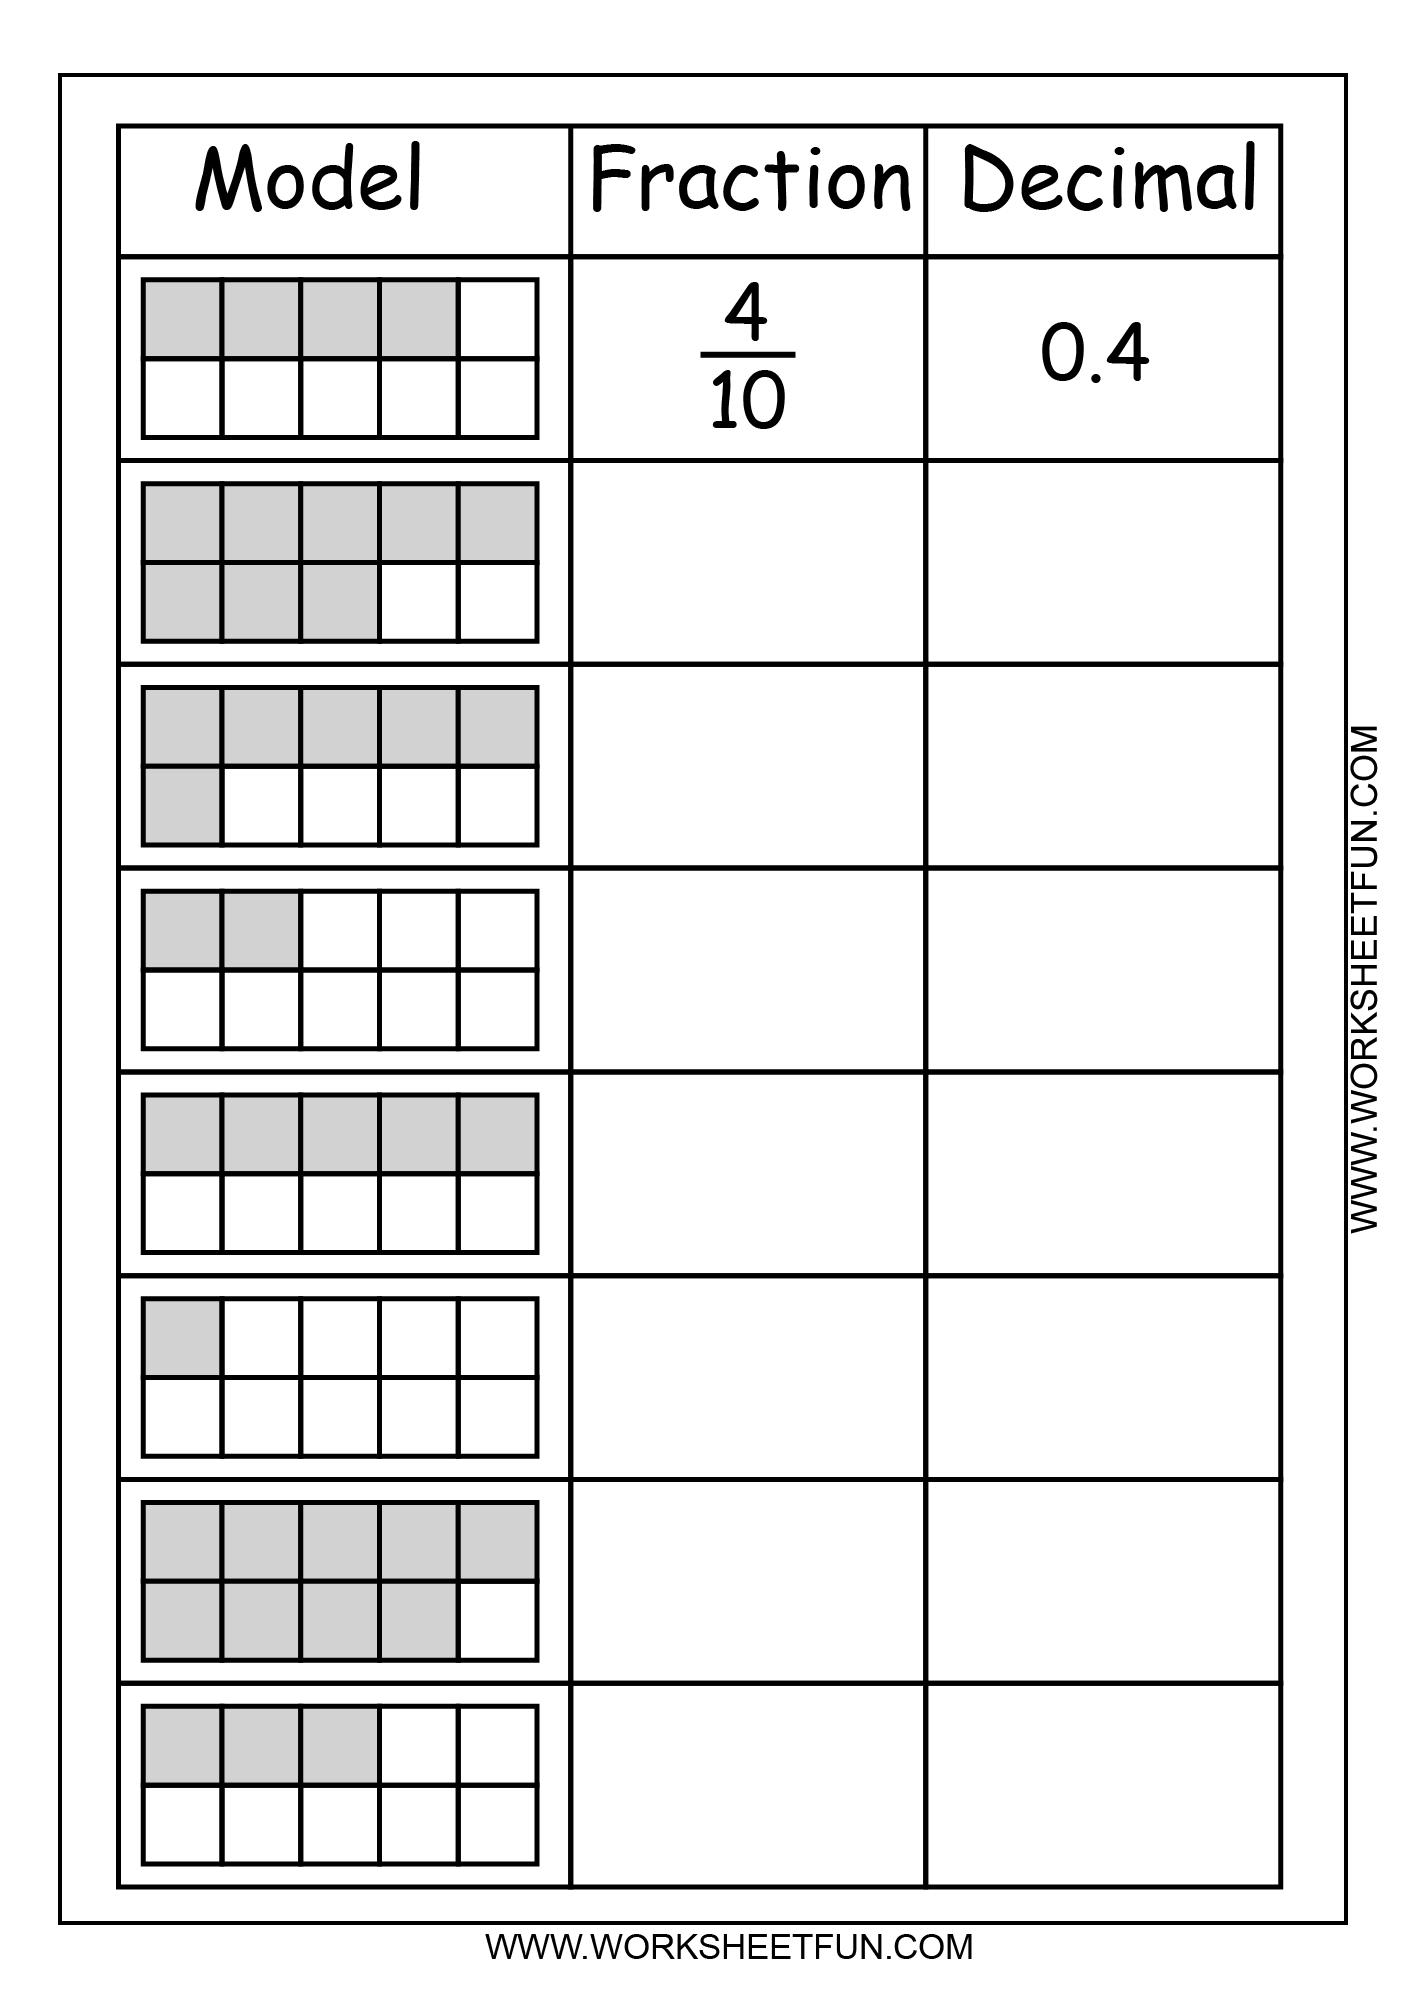 Model Fraction Decimal 2 Worksheets Free Printable